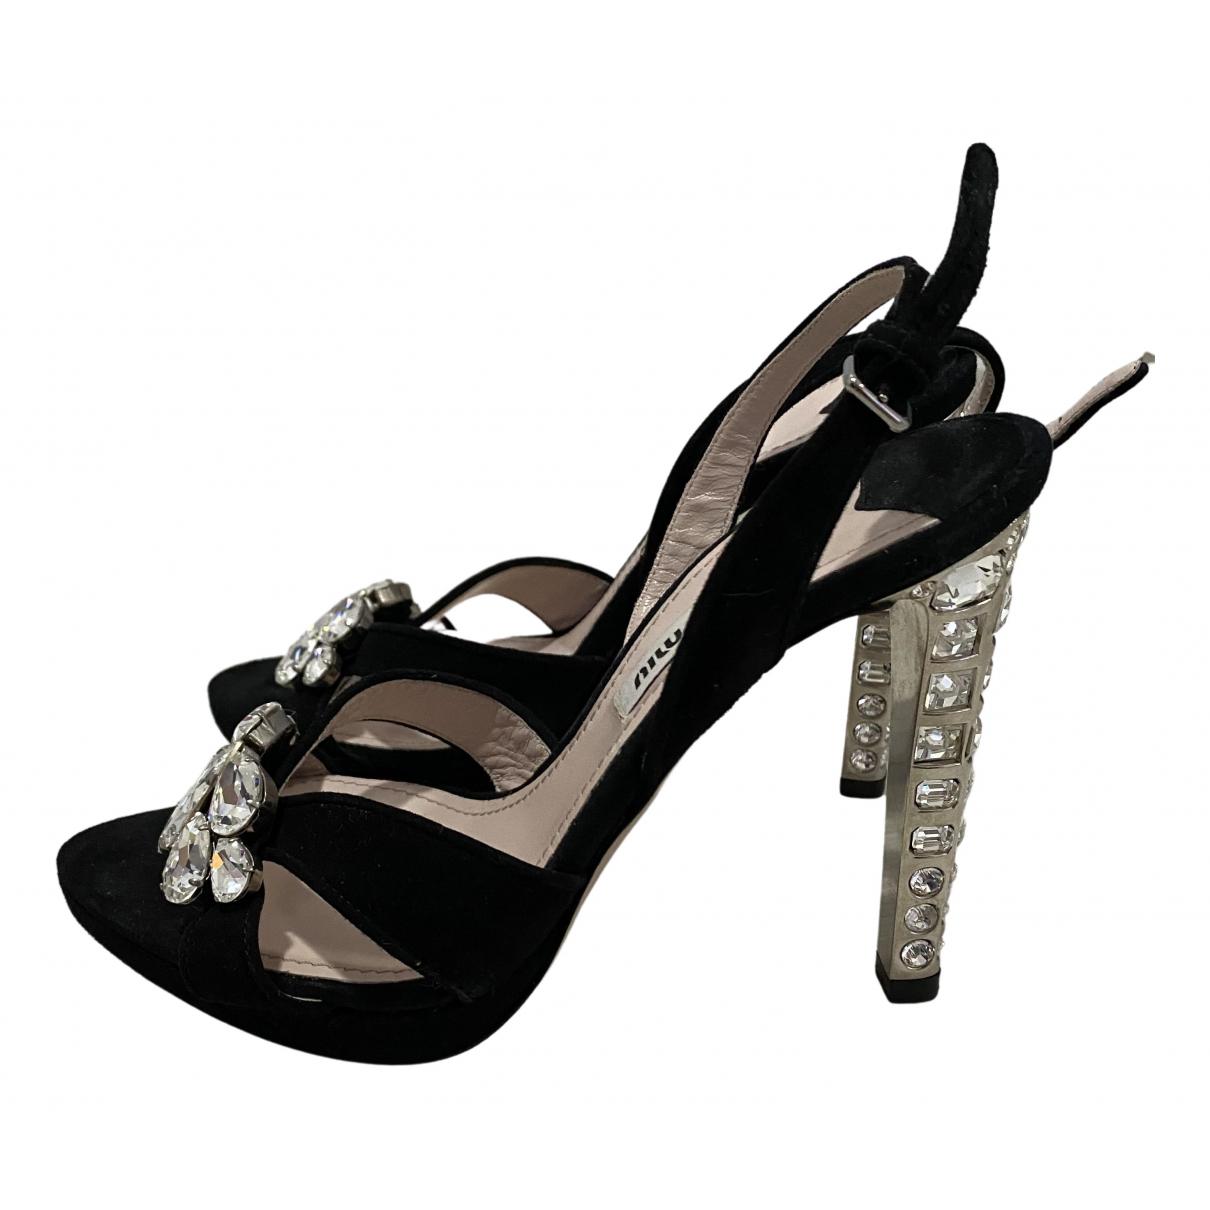 Miu Miu \N Black Leather Sandals for Women 35 EU